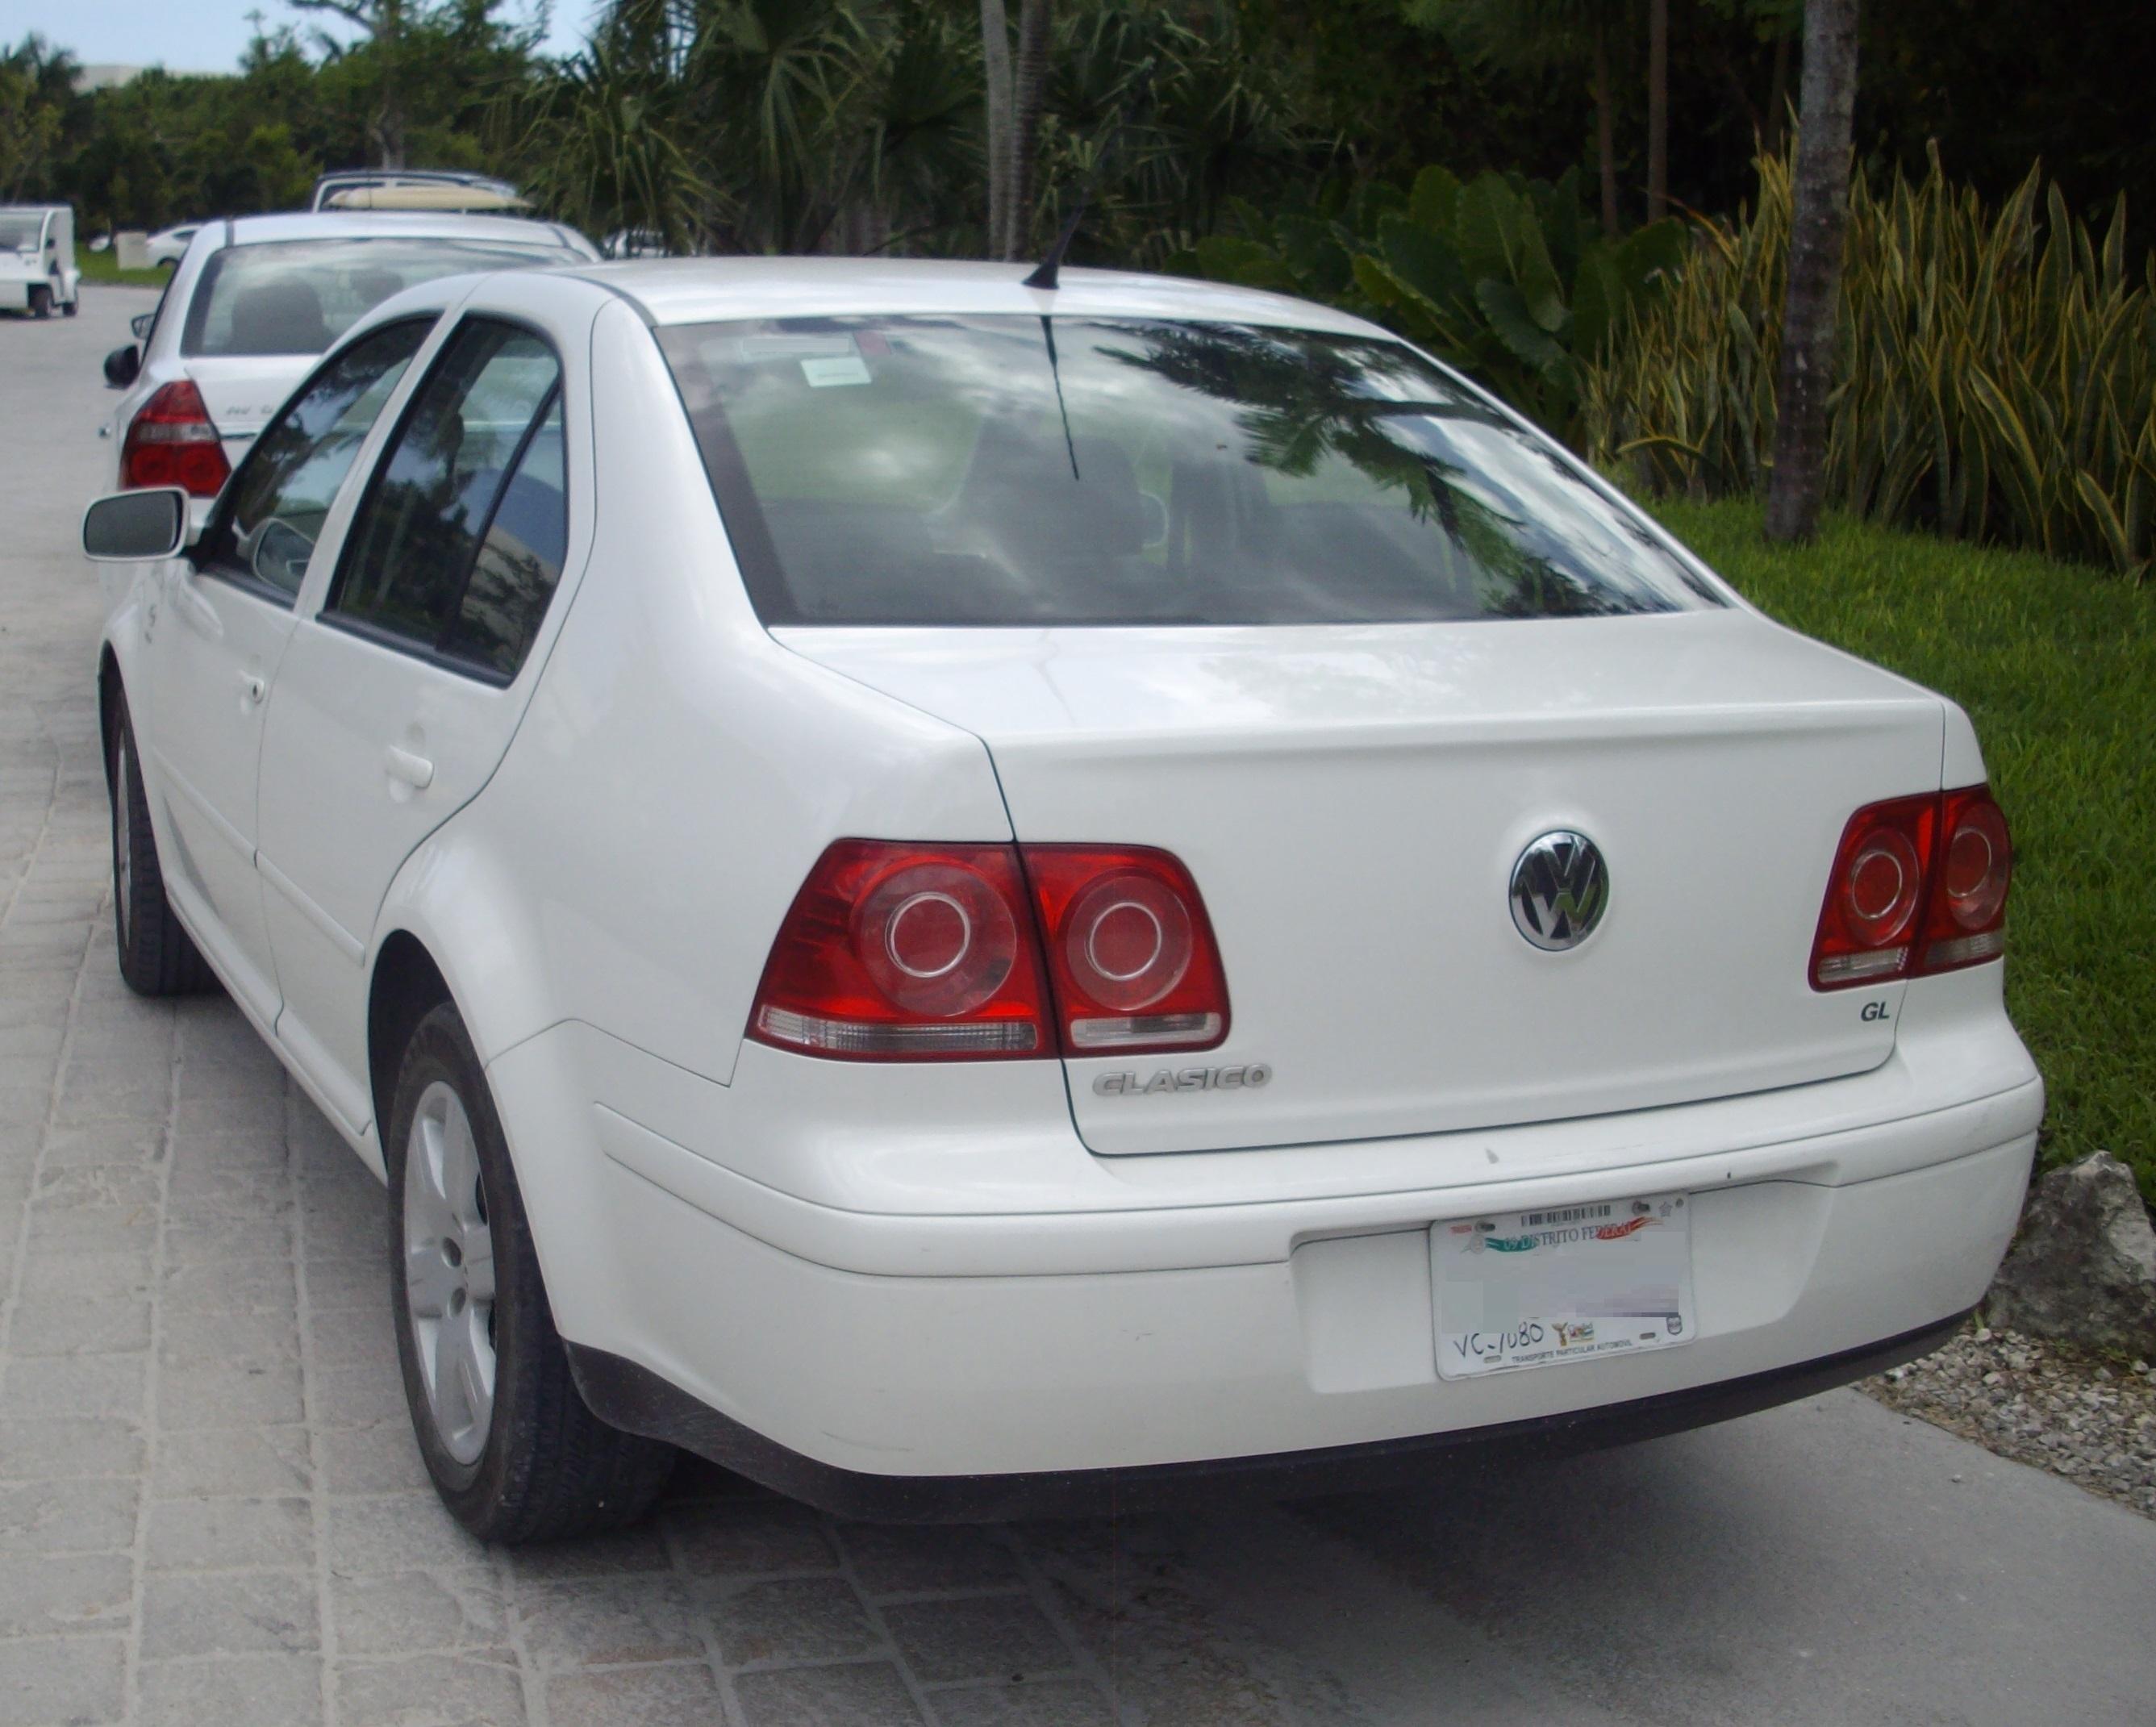 Volkswagen Jetta 2005 Photo 33 moreover 新捷达2014款图片 further Volkswagen Jetta Gl Usa 2005 Photo 03 besides  besides European And U S 2011 Vw Jettas The Differences. on 2012 volkswagen jetta